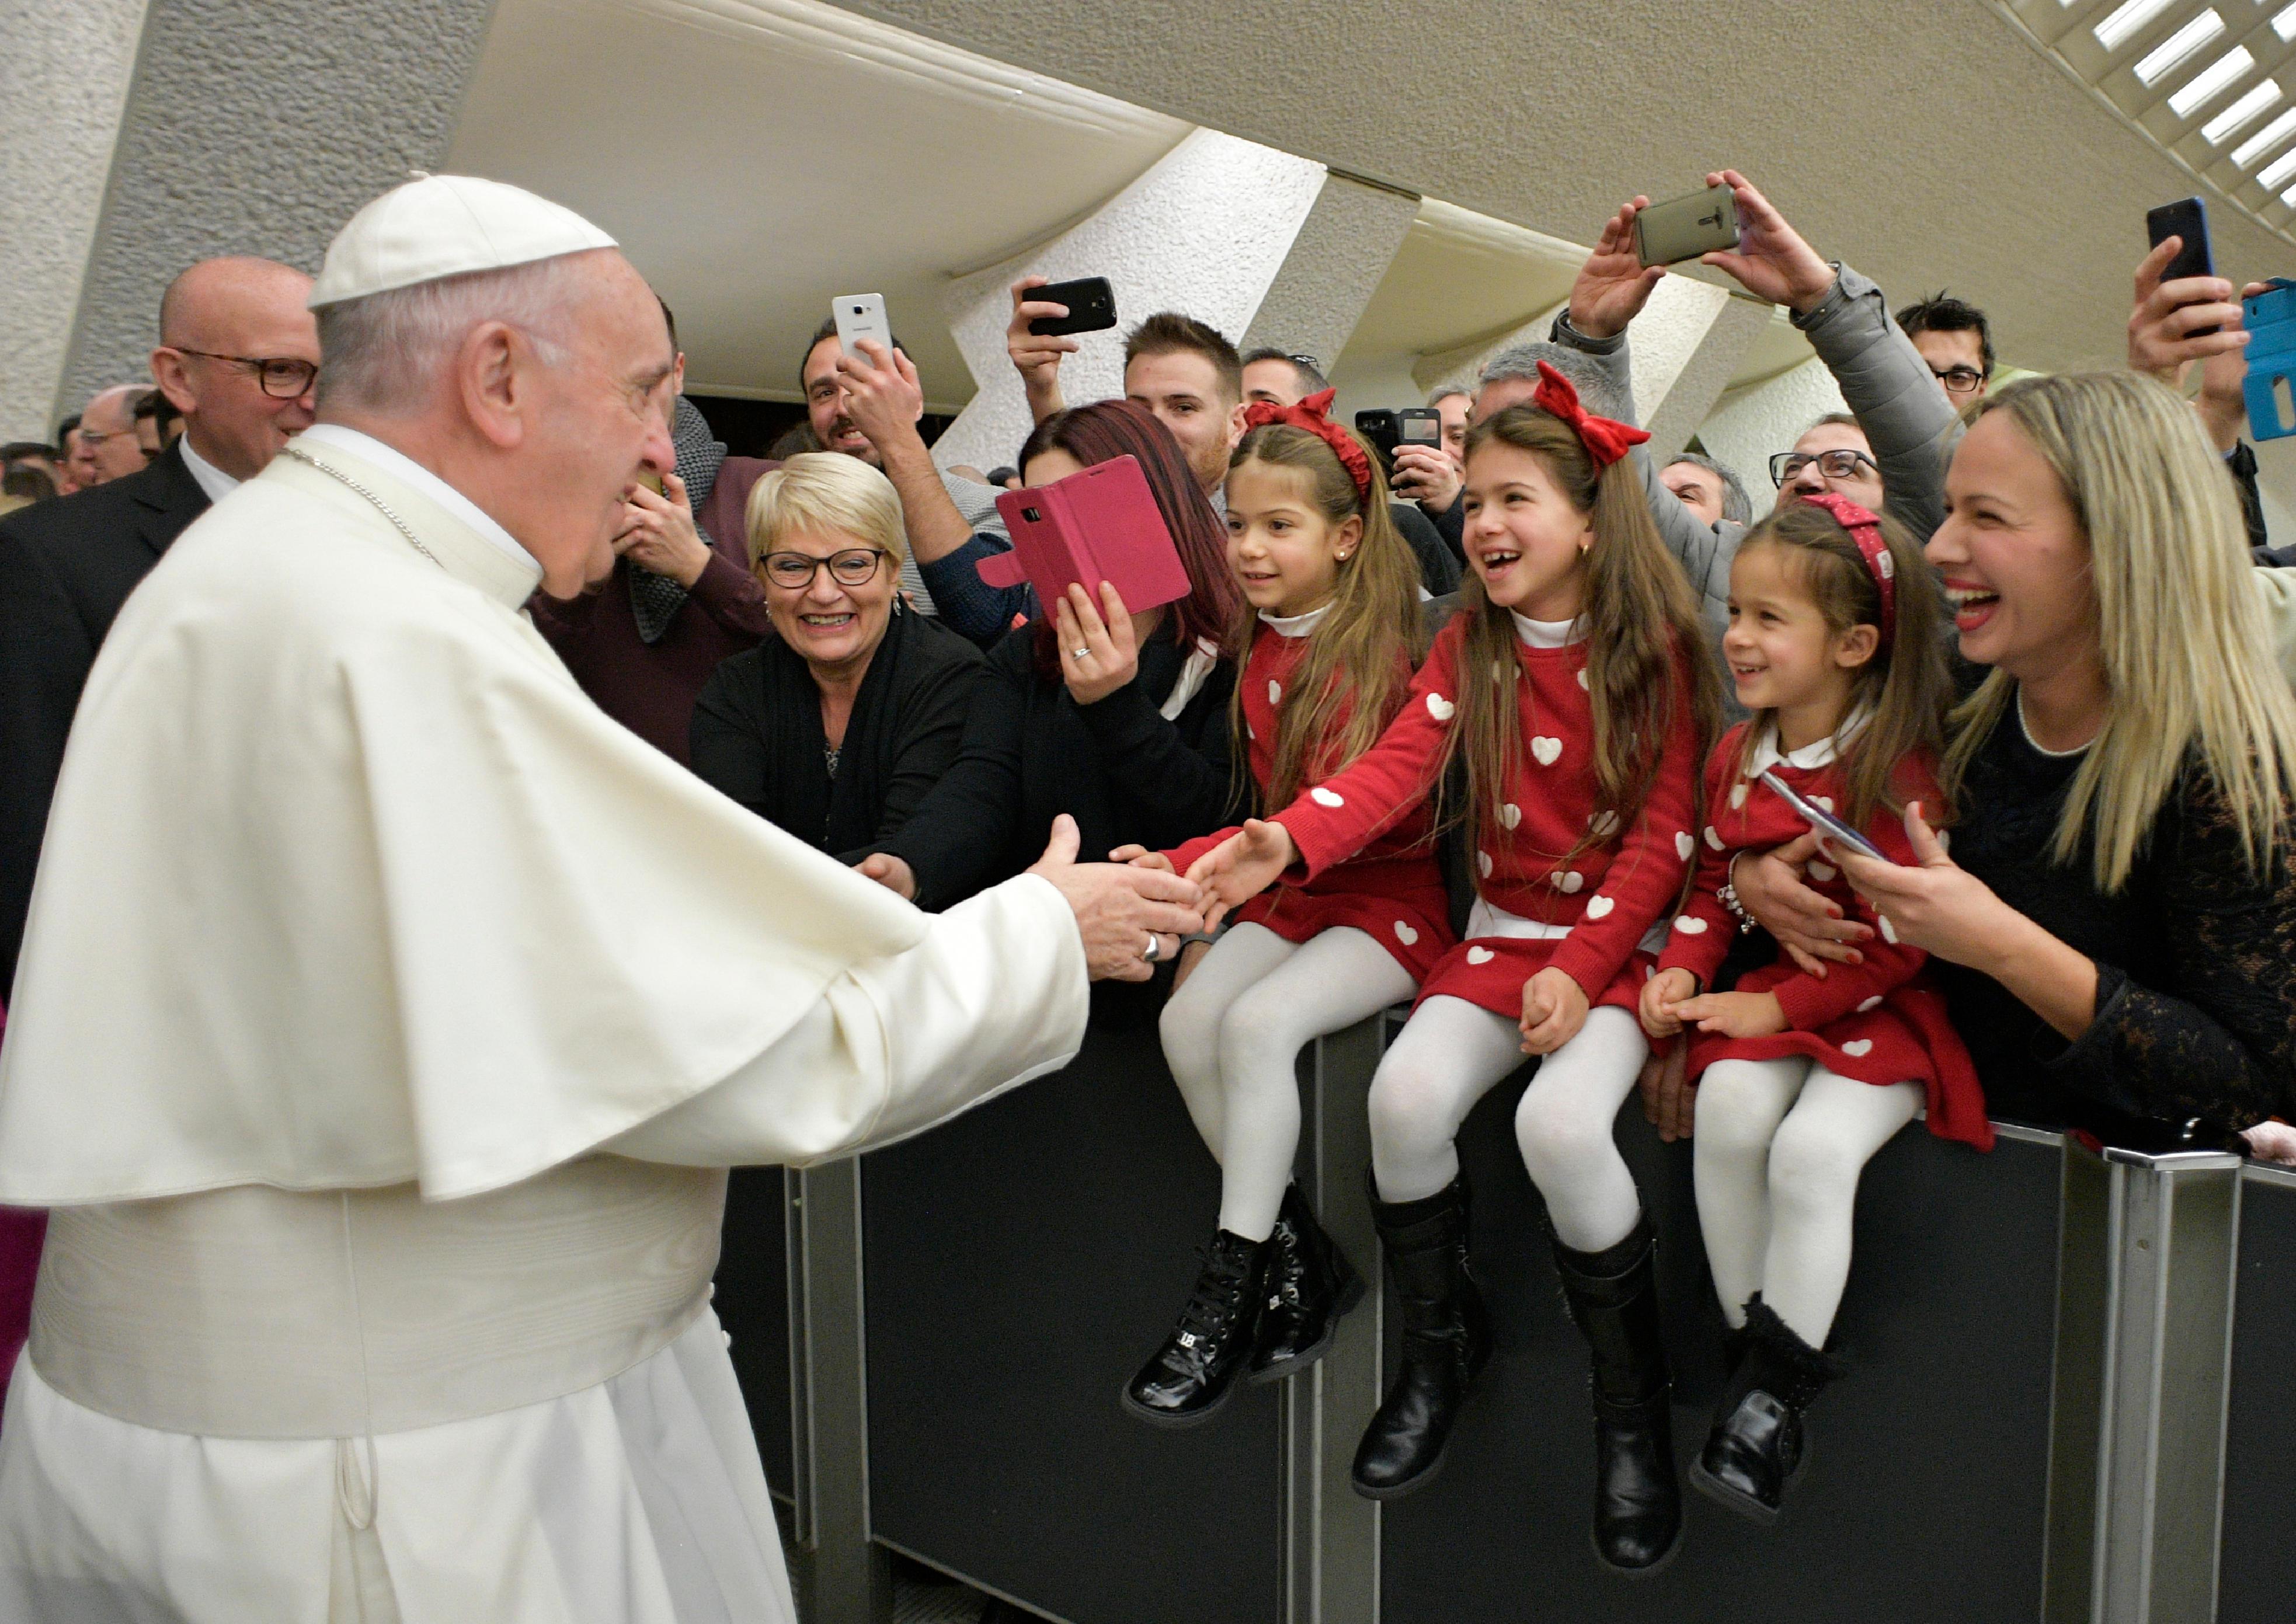 El Papa felicita la Navidad a los trabajadores del Vaticano y a sus familiares © L'Osservatore Romano